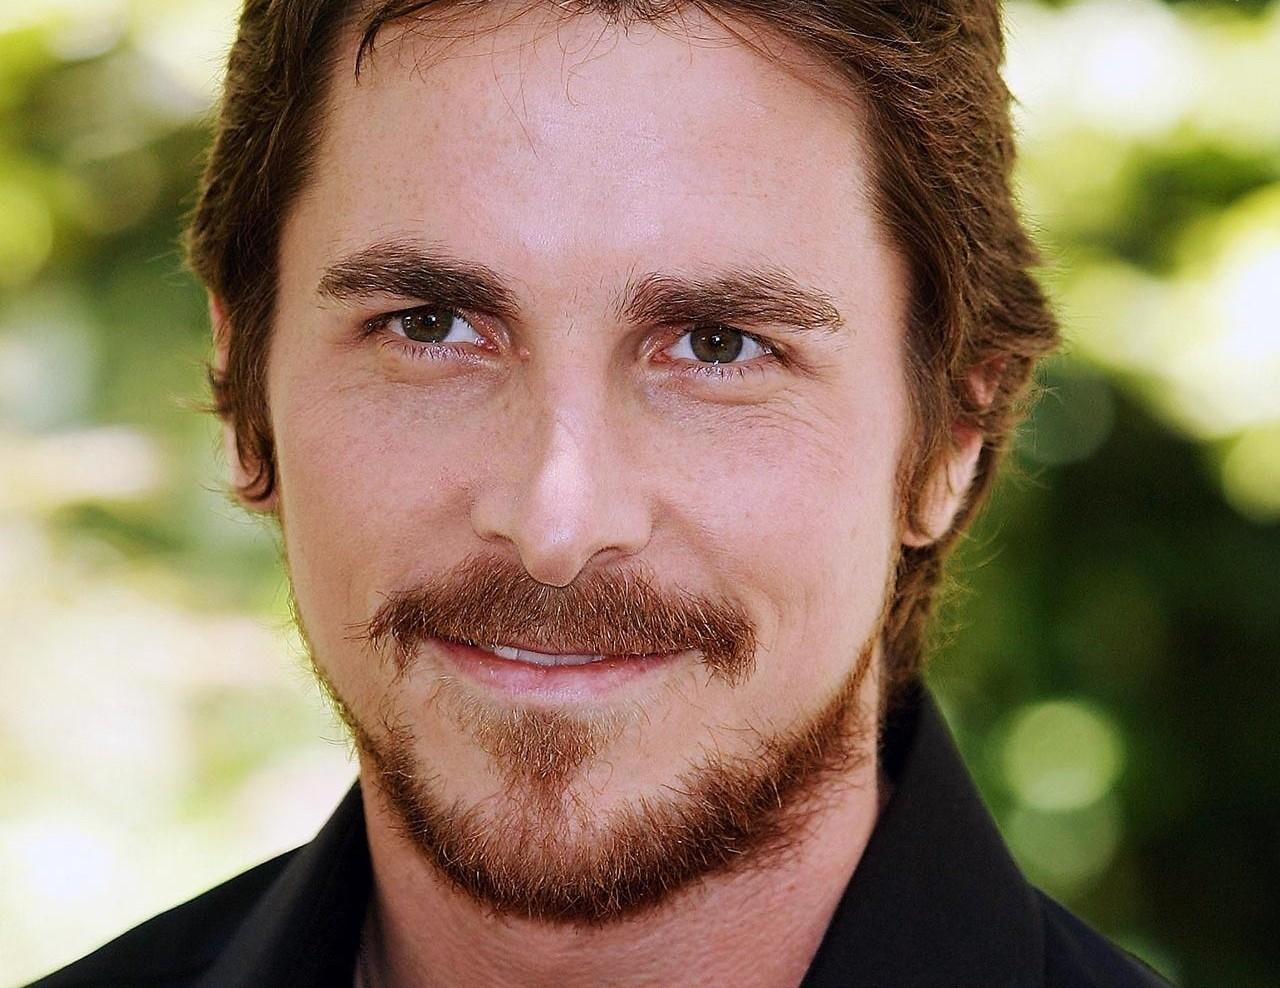 Почему не растет борода на щеках и что делать чтобы росли волосы на щеках